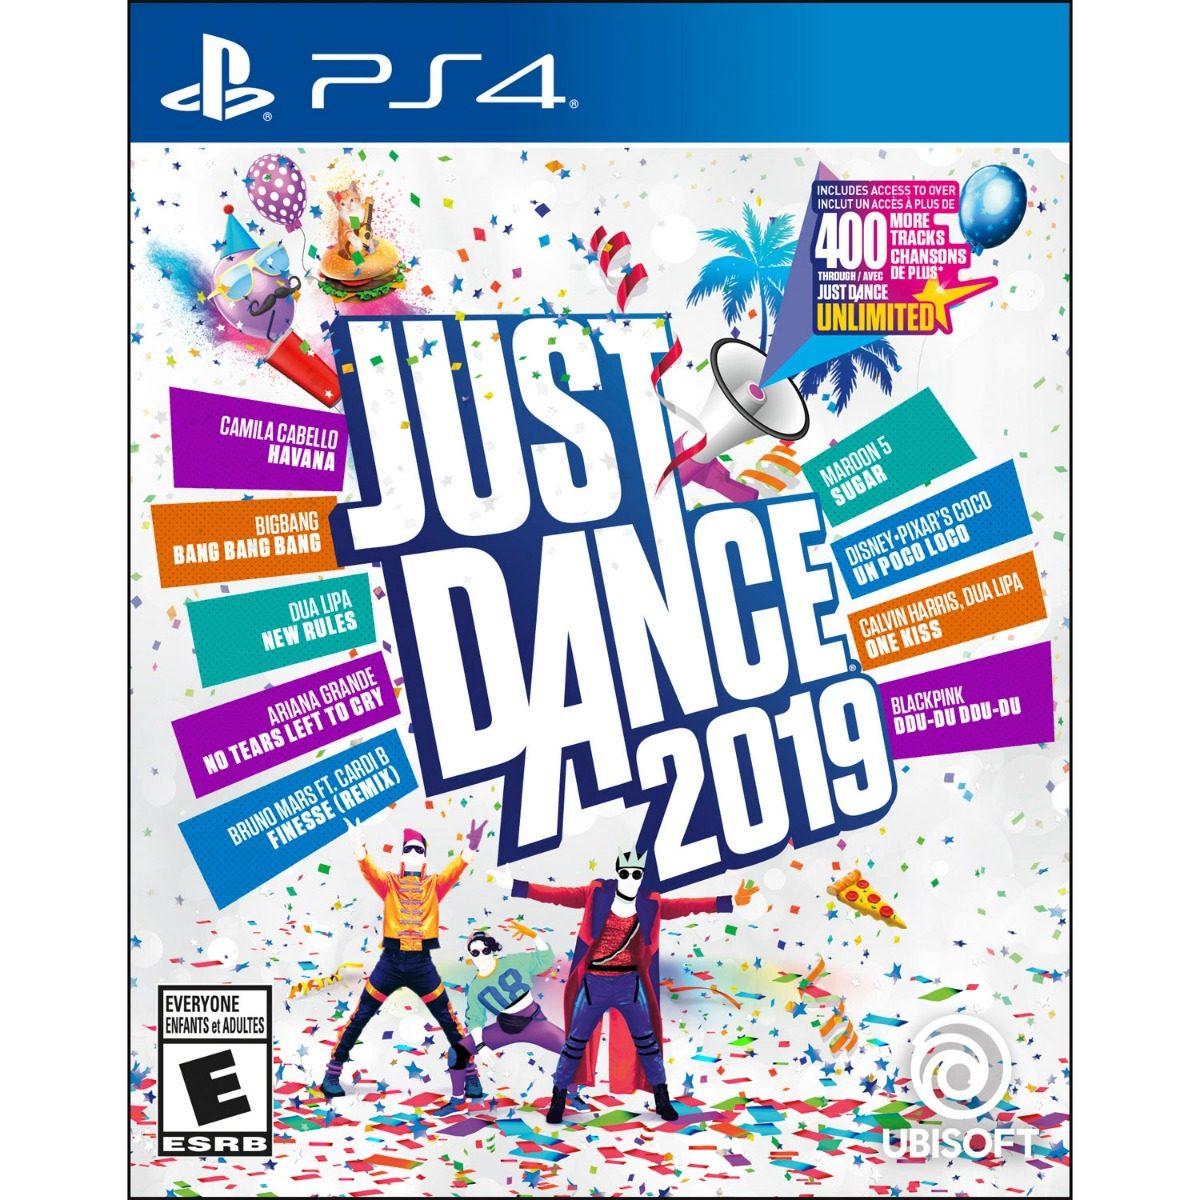 Just Dance 2019 Juego Fisico Ps4 Nuevo Original Espanol 2 200 00